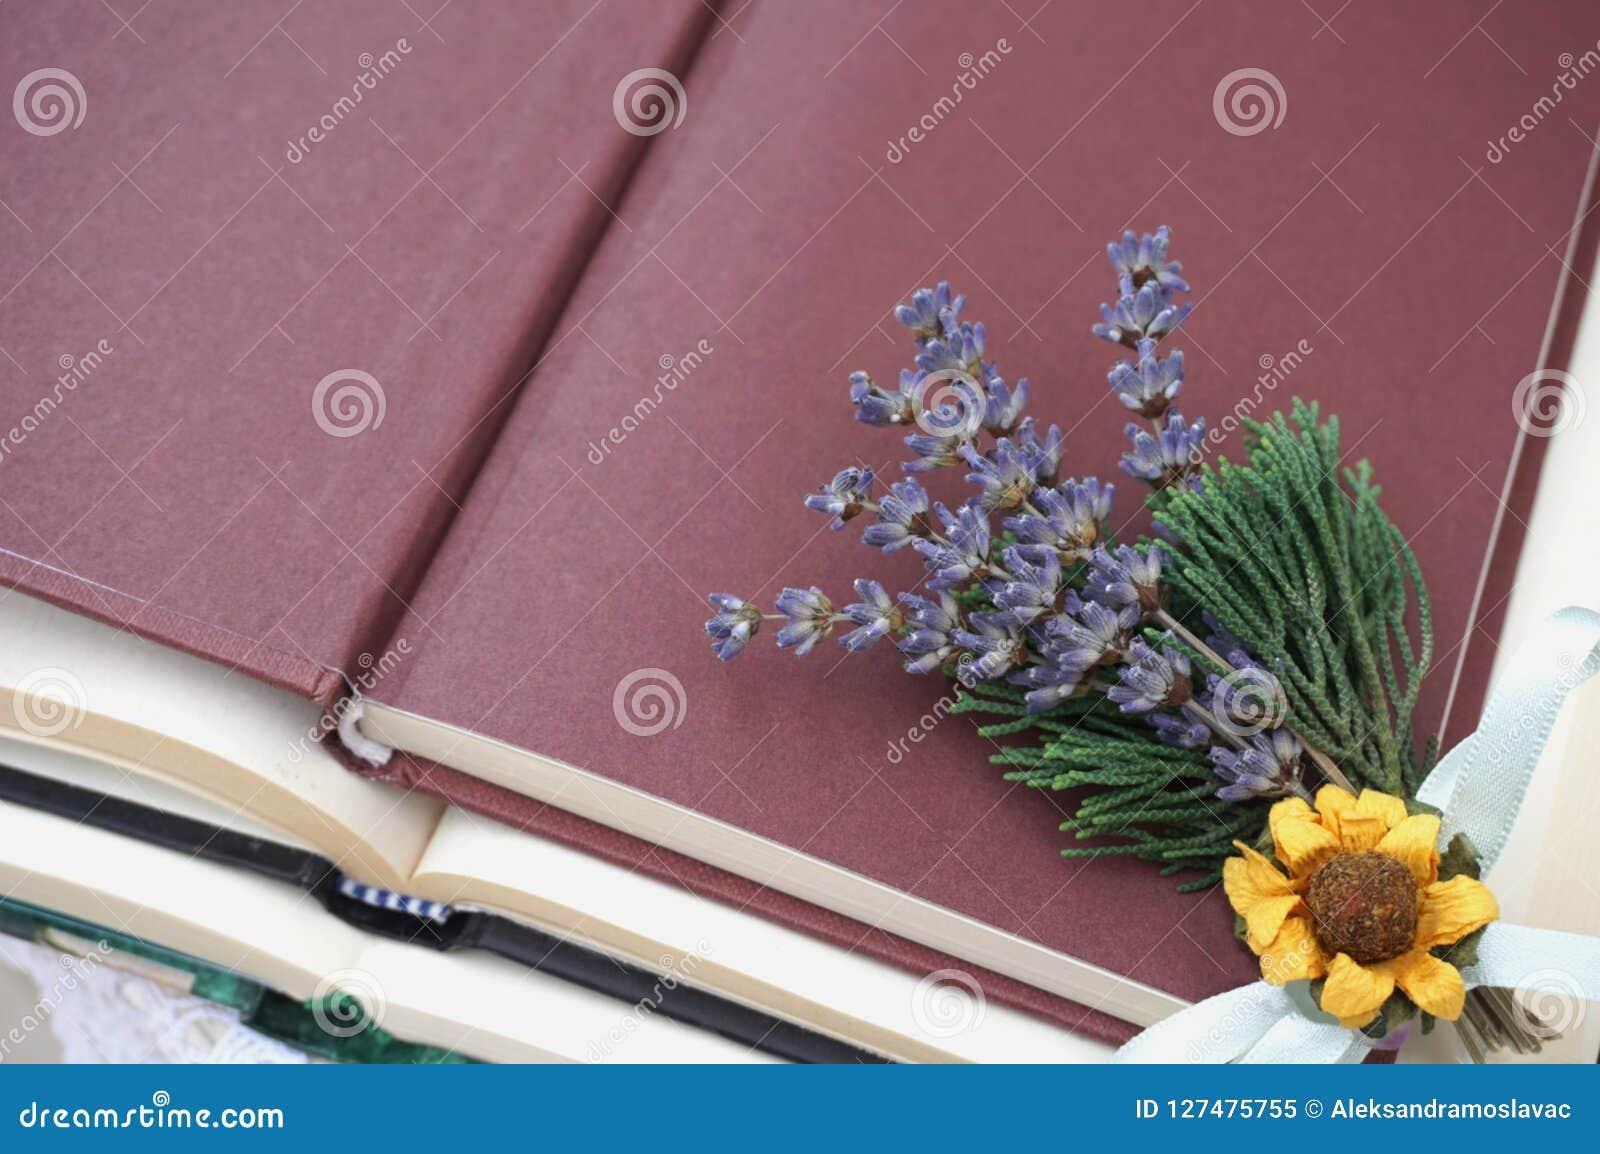 Öffnen Sie Abdeckung des Buches mit kleinem Bündel Lavendel, trockener Sonnenblume und grünen Niederlassungen